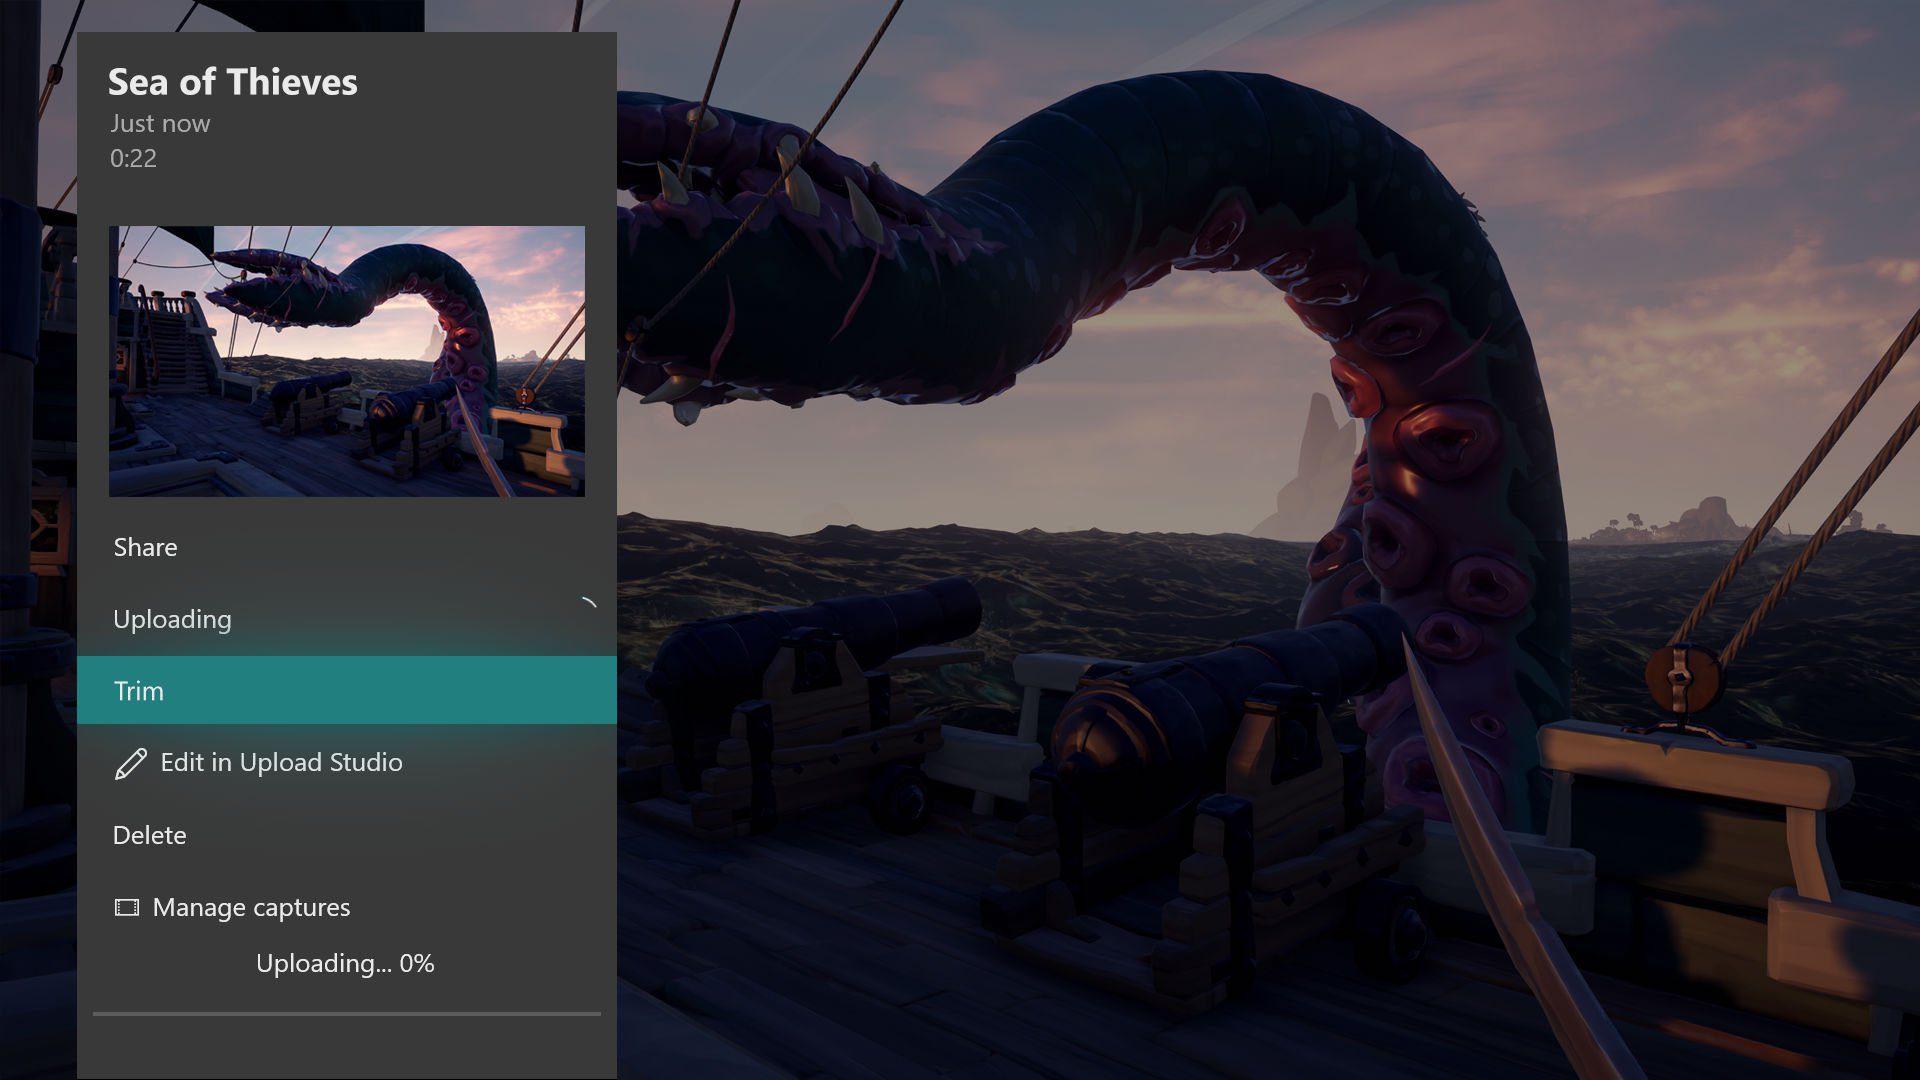 La actualización de mayo permitirá agrupar juegos, cambiará el sistema de capturas, y dará soporte a monitores de 120Hz - Xbox One recibirá en mayo un nuevo sistema de organización de la videoteca, un nuevo sistema de capturas, y soporte para paneles de 120Hz.